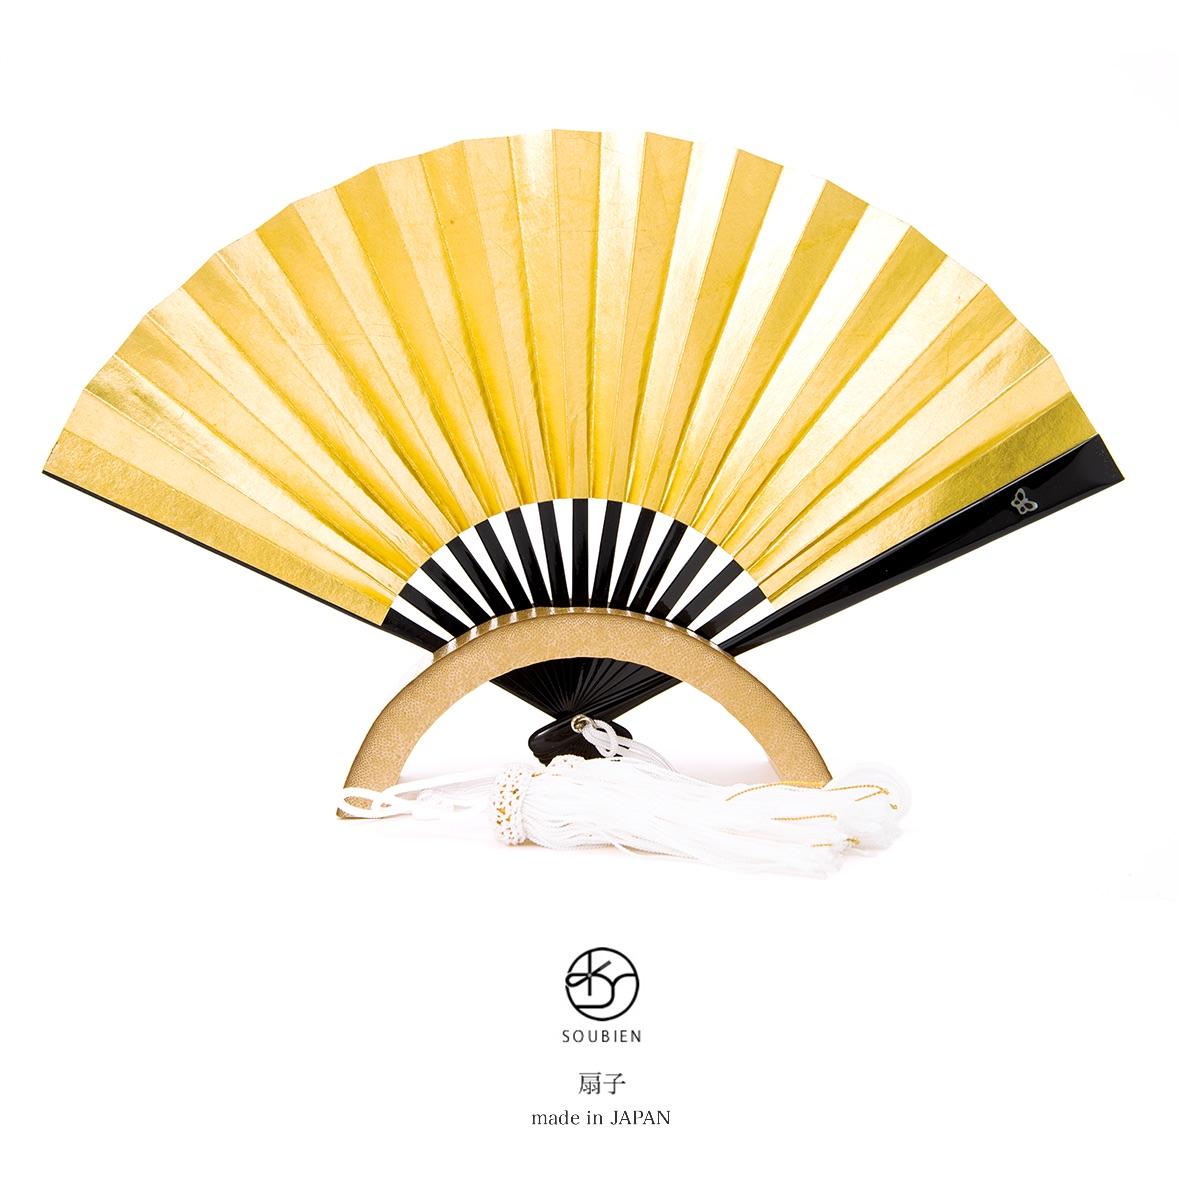 創美苑オリジナル・フォーマルな金銀扇子